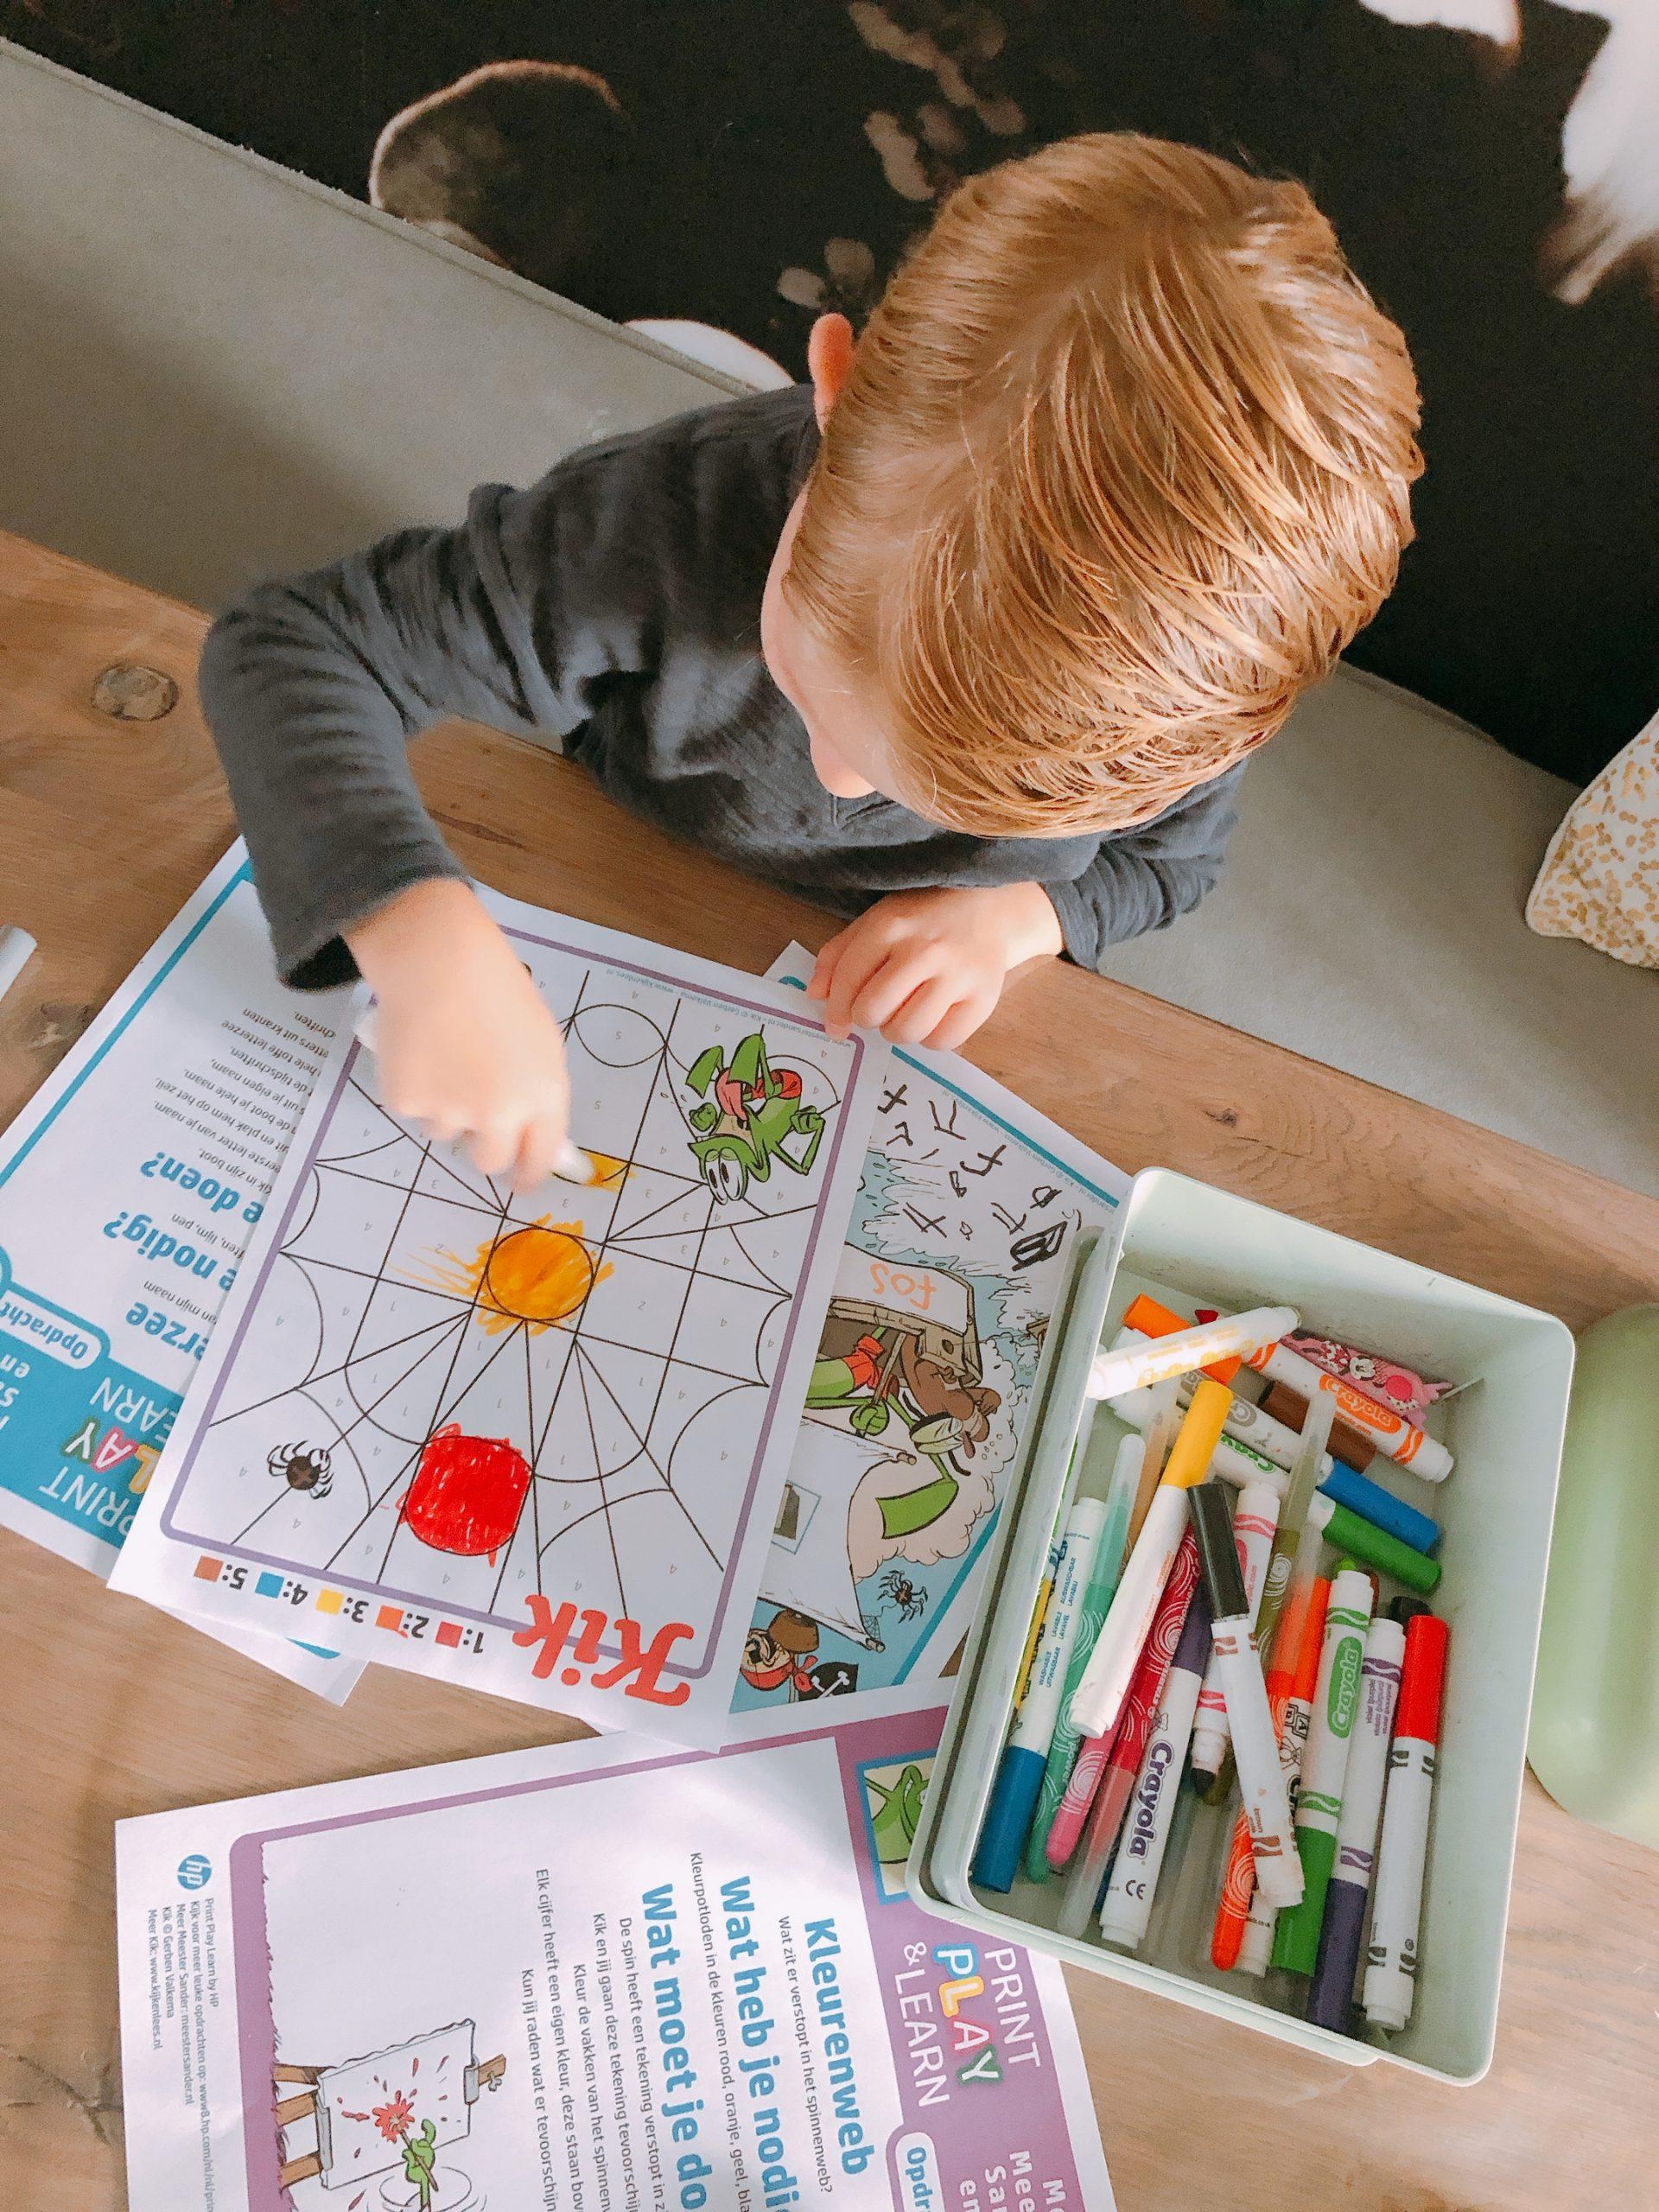 IMG 8360 scaled - Spelenderwijs thuis leren met vrolijke opdrachten + printables!